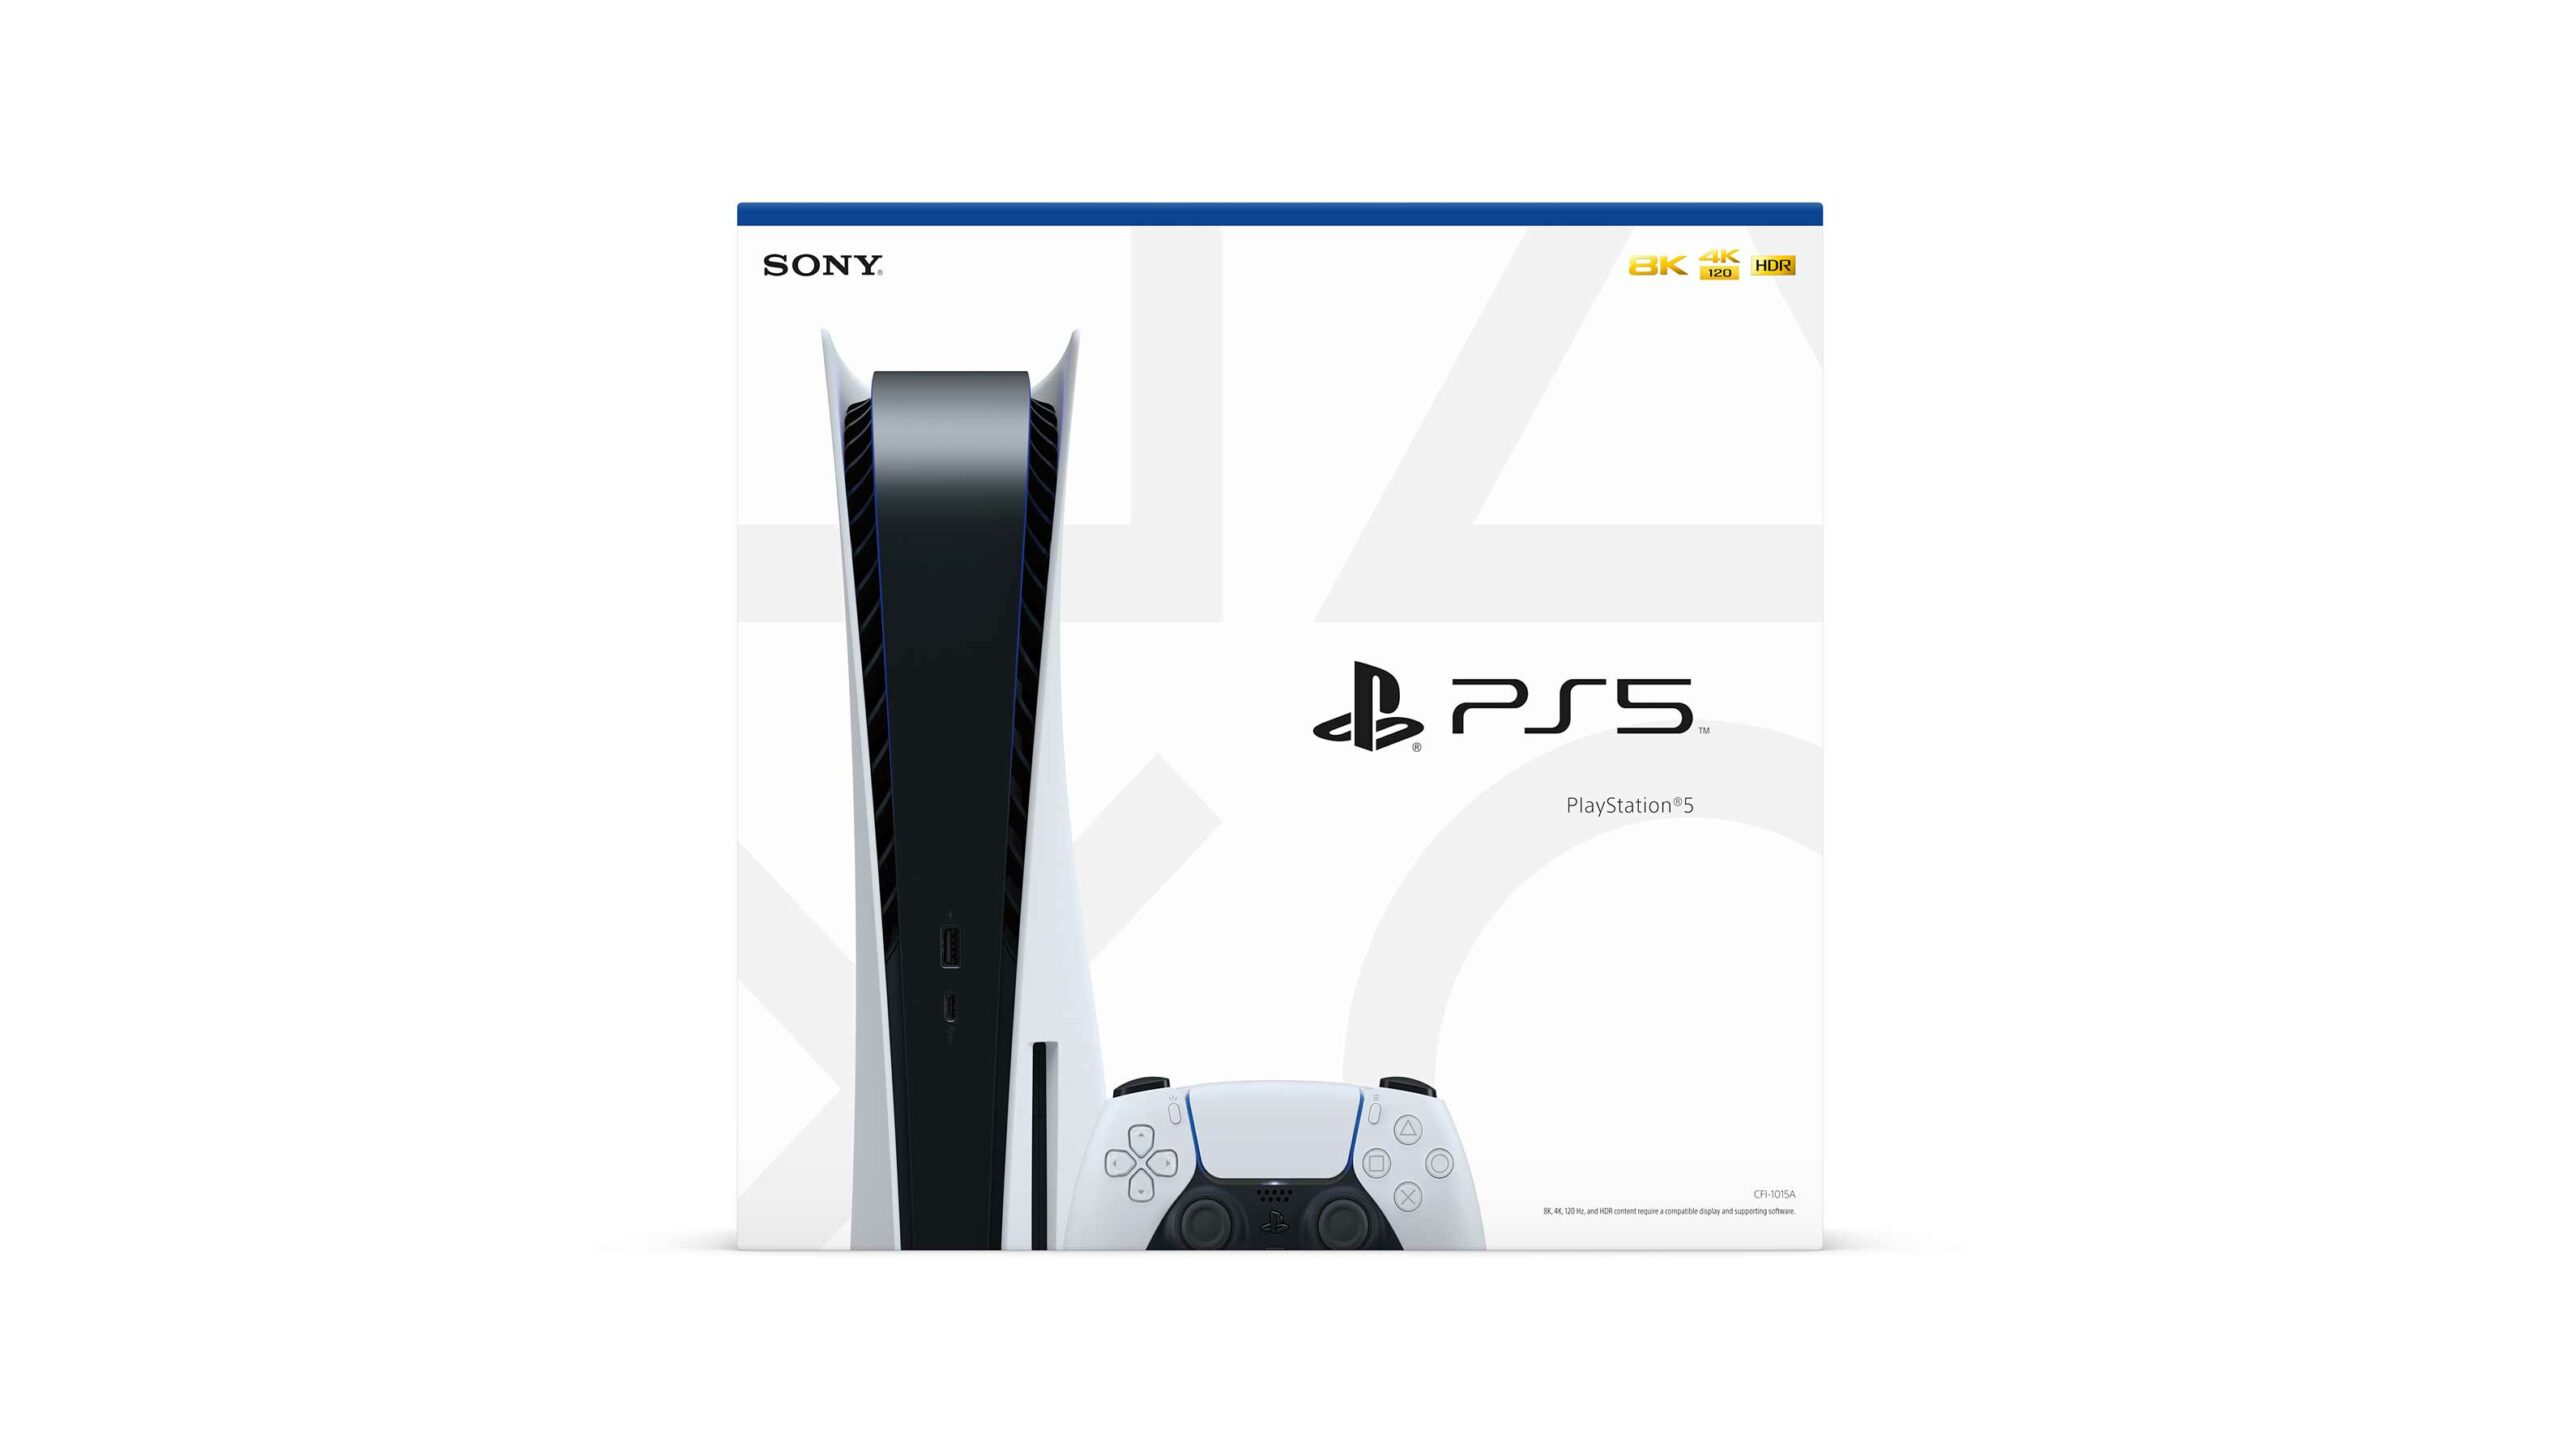 PS5 box